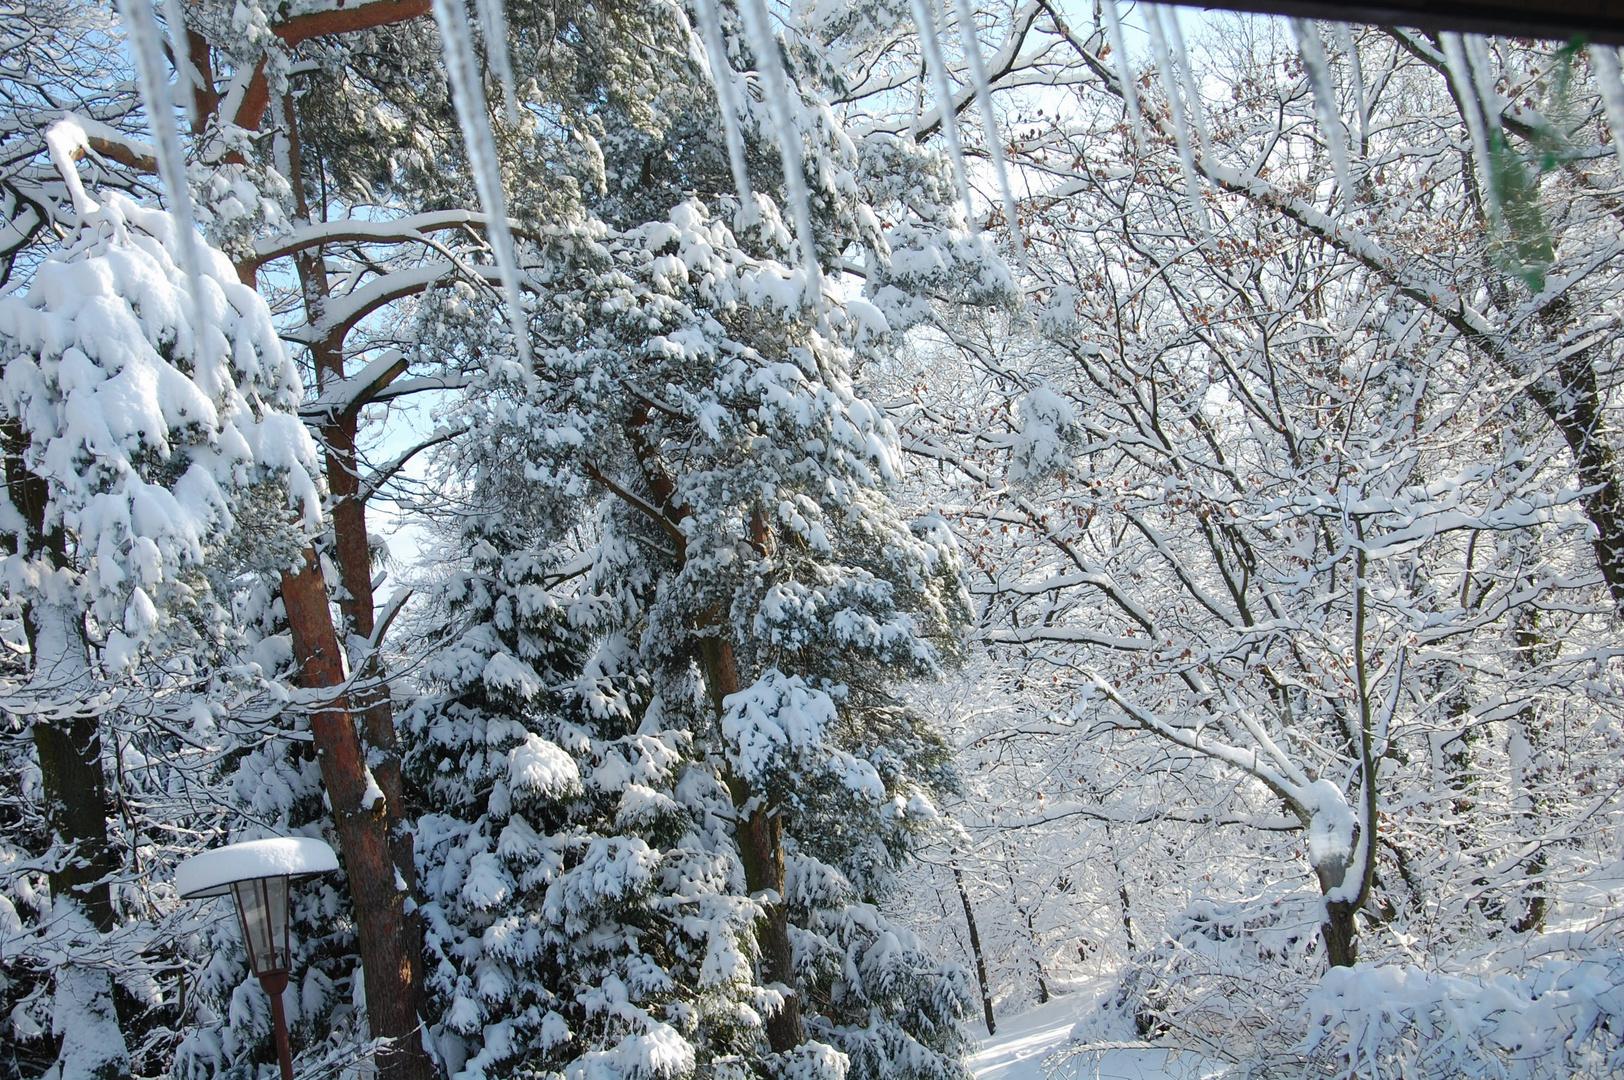 Beau mariage entre le soleil et la neige au levé du jour